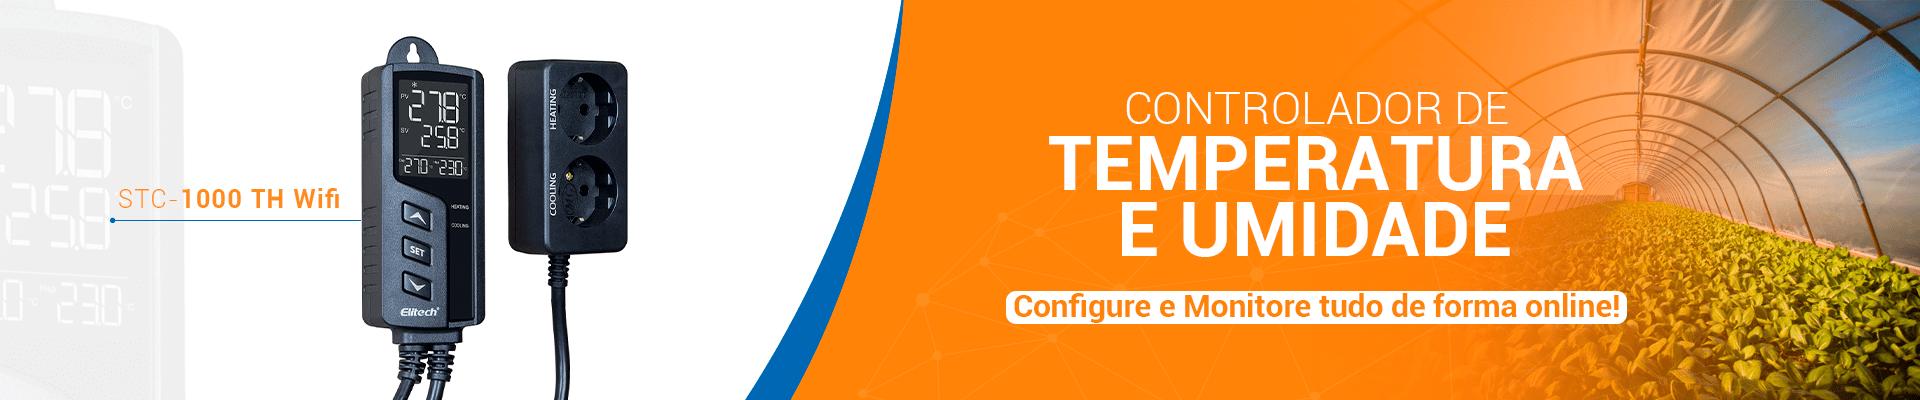 STC-1000 TH WIFI Controlador de temperatura e umidade 220V